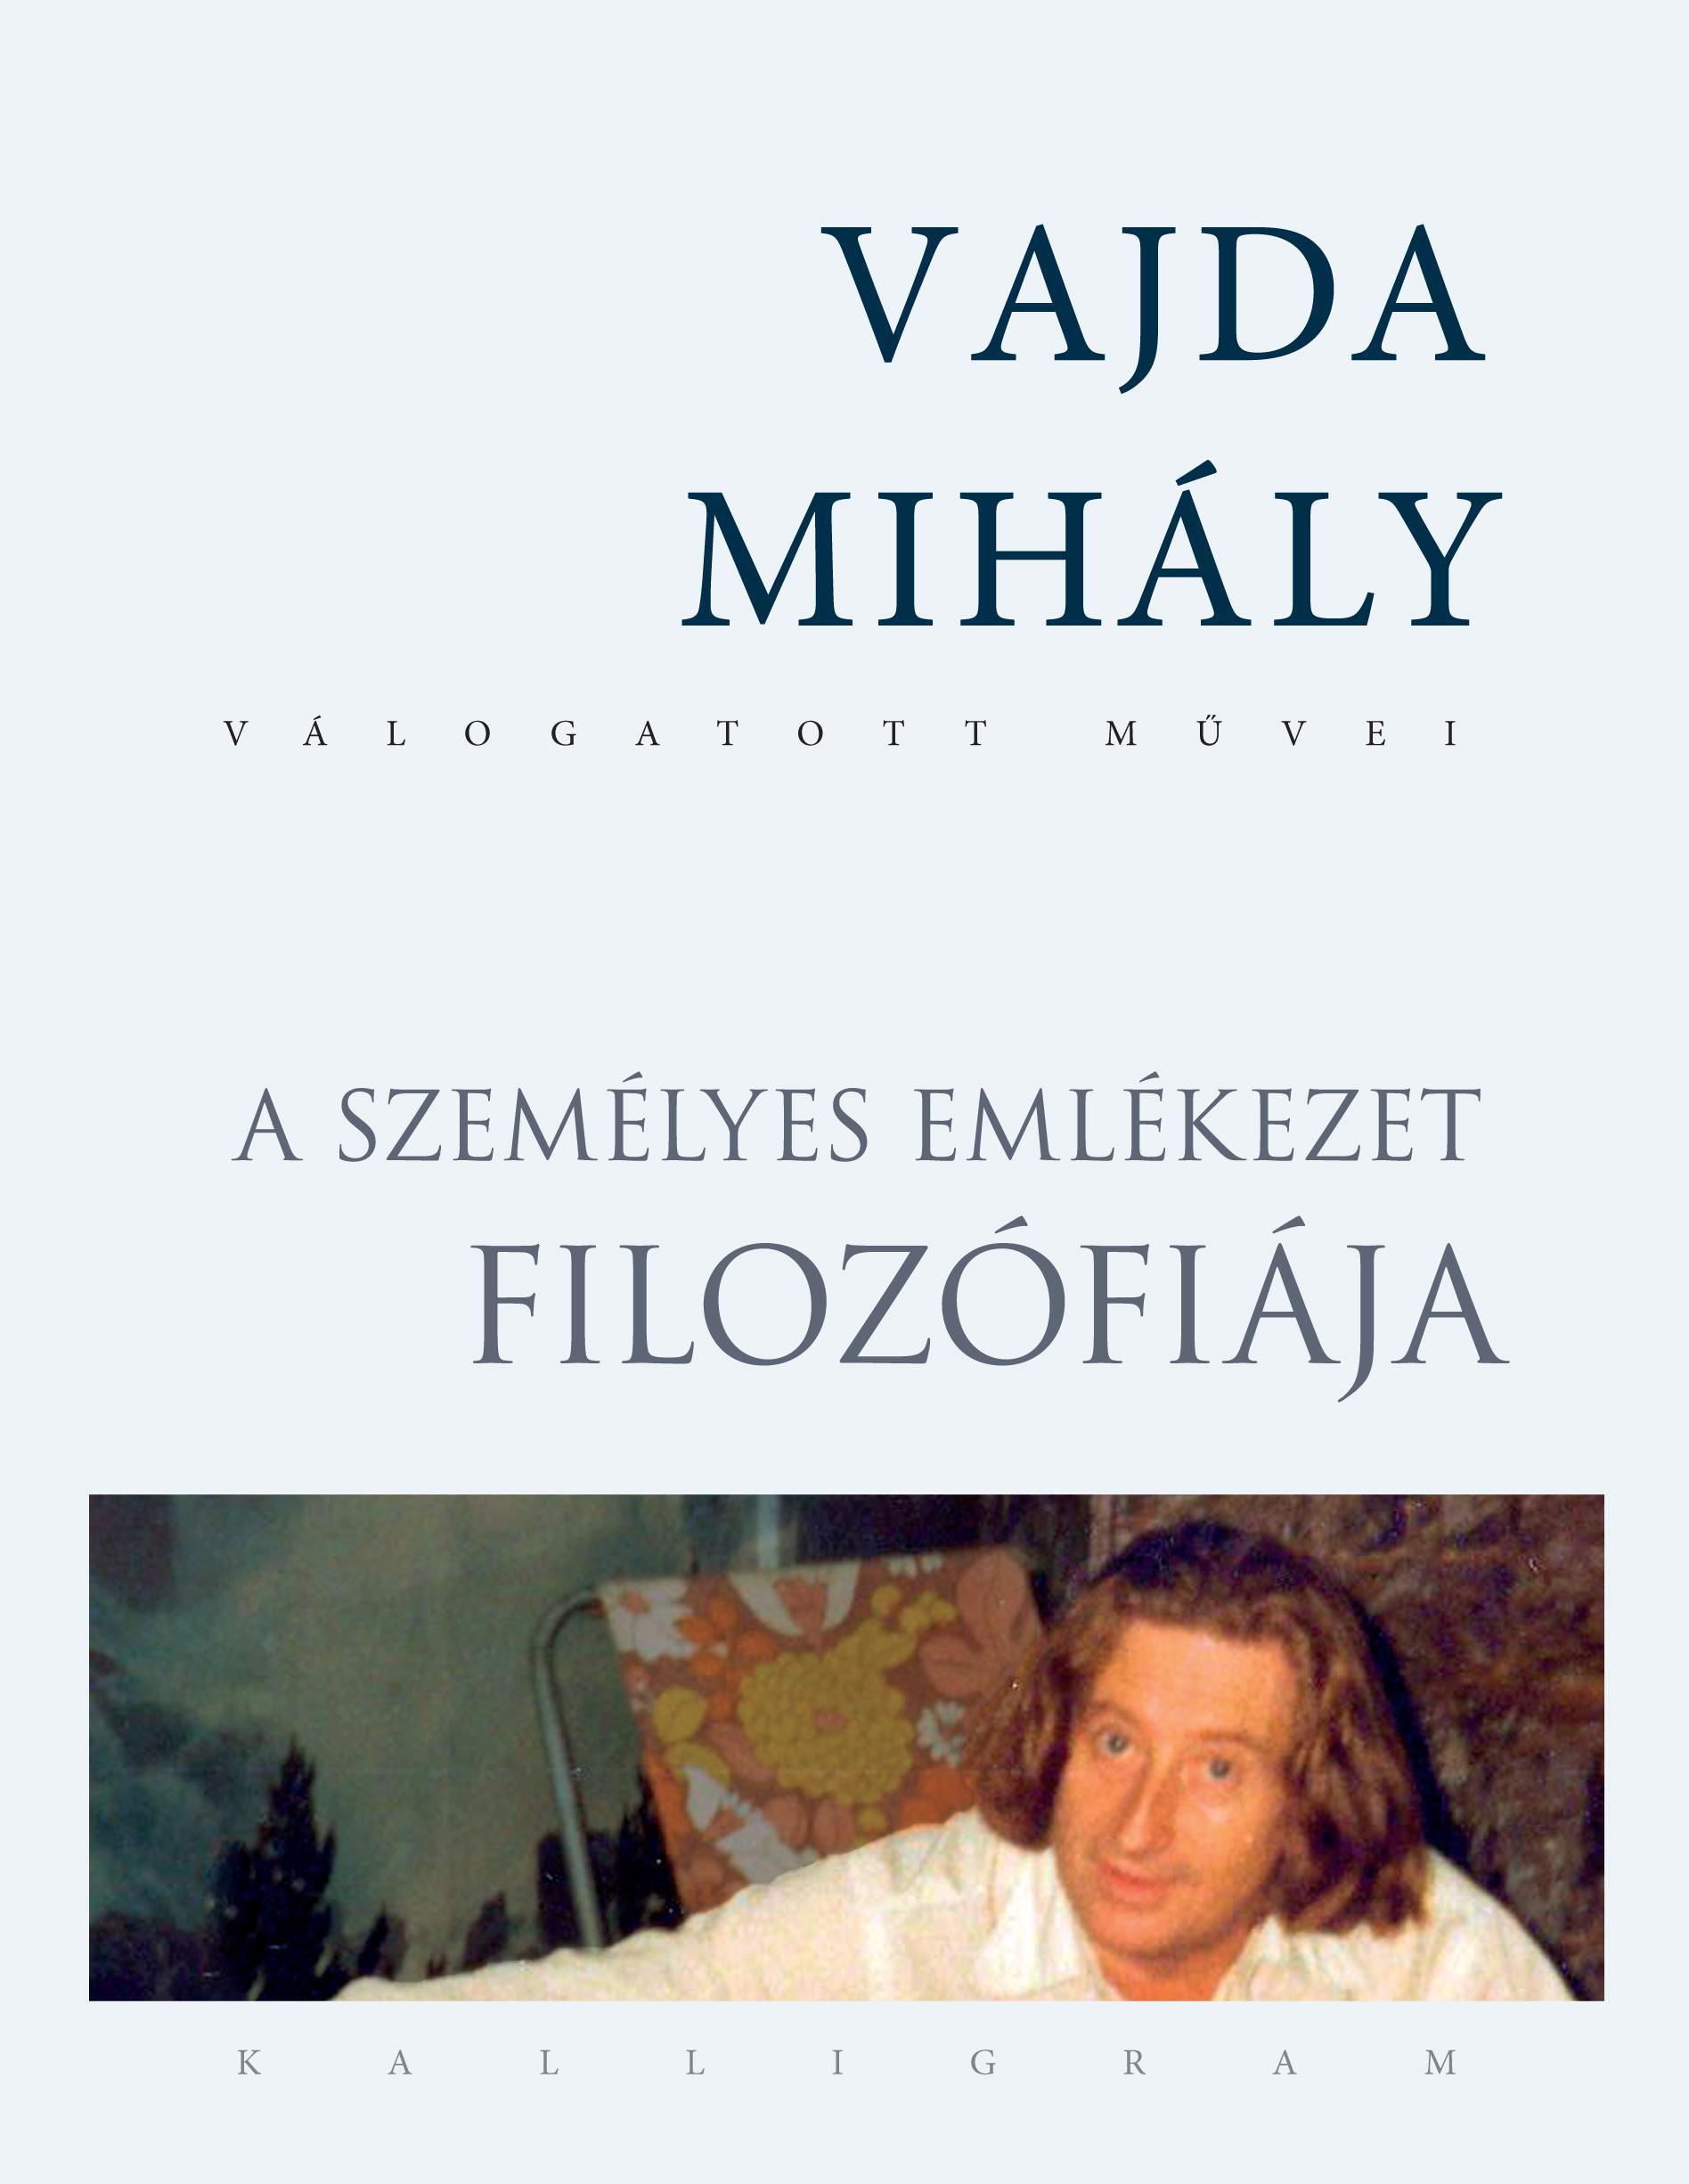 VAJDA MIHÁLY - A SZEMÉLYES EMLÉKEZET FILOZÓFIÁJA - VAJDA MIHÁLY VÁLOGATOTT MŰVEI